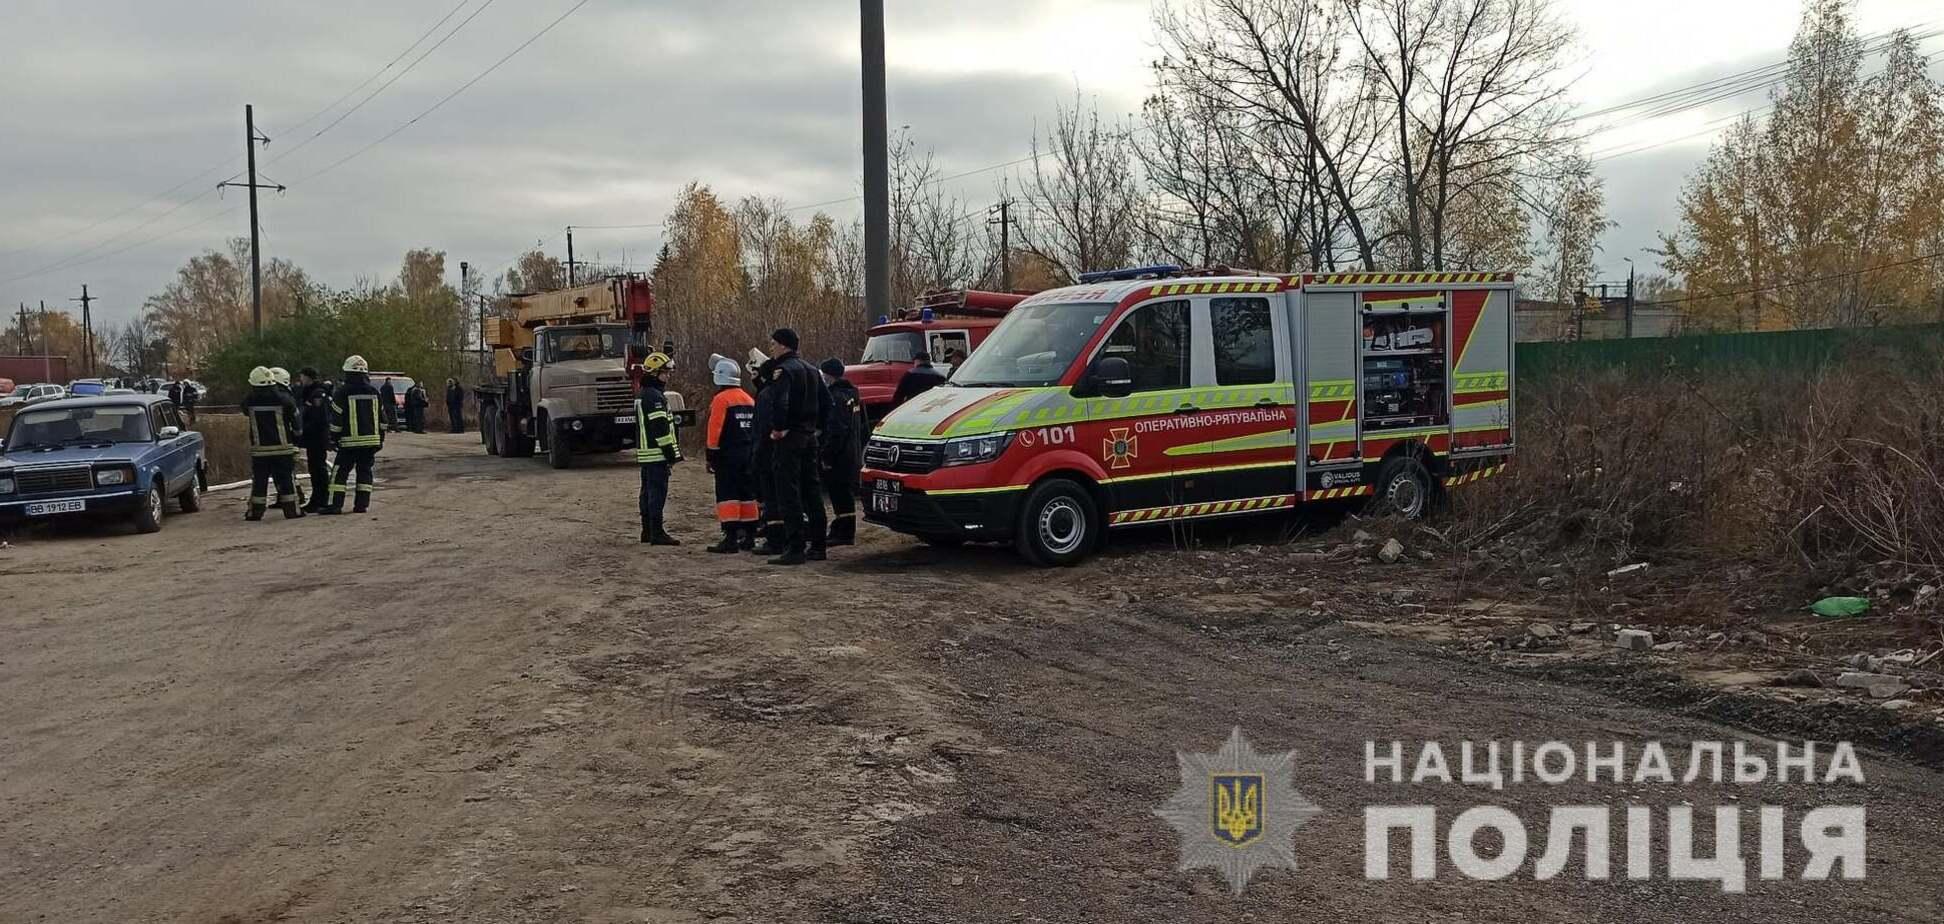 Под Харьковом взорвался газ